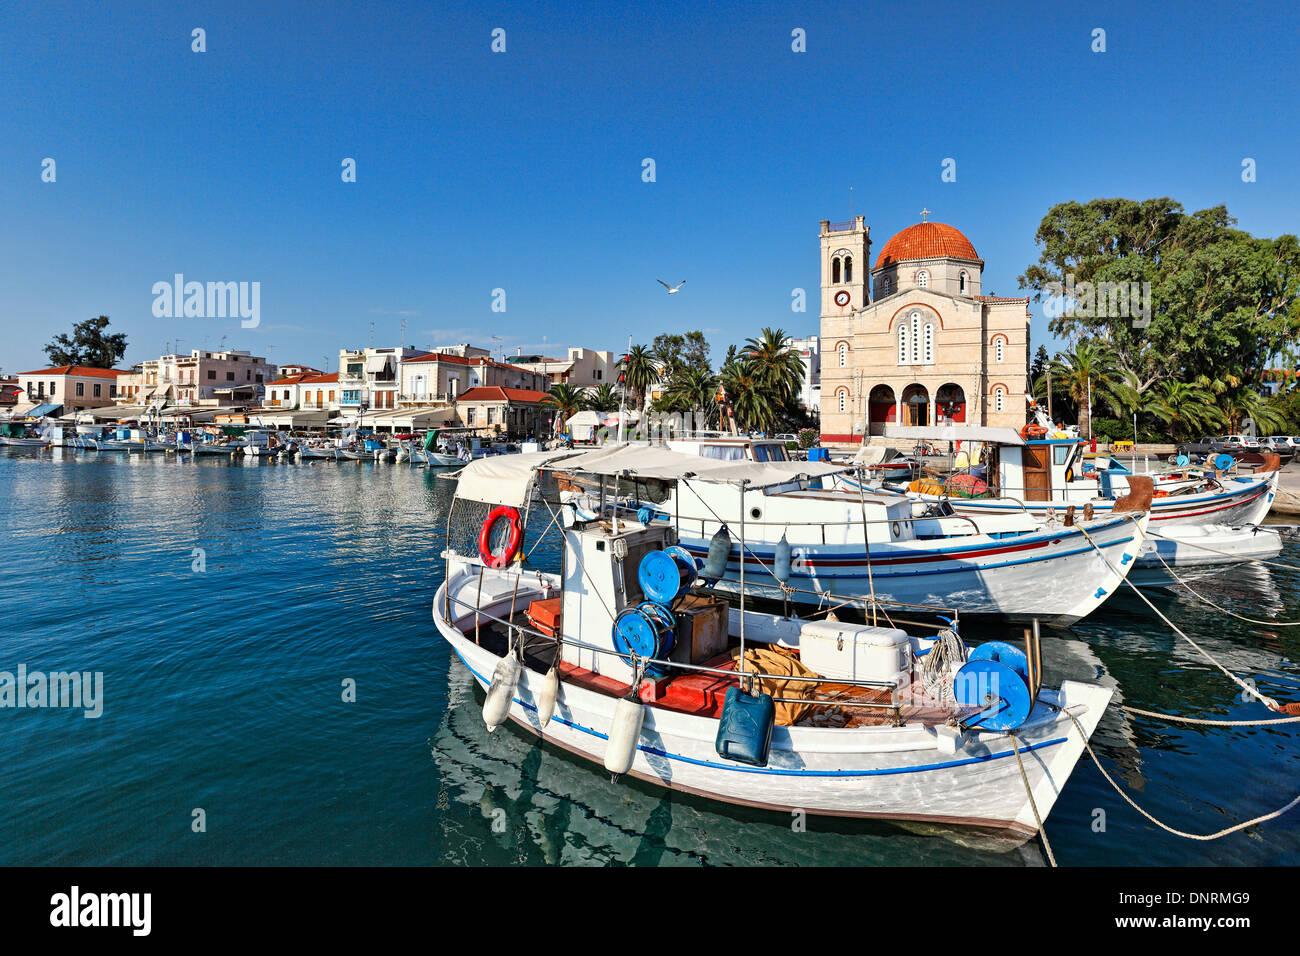 Boote im Hafen von Ägina Insel, Griechenland Stockbild